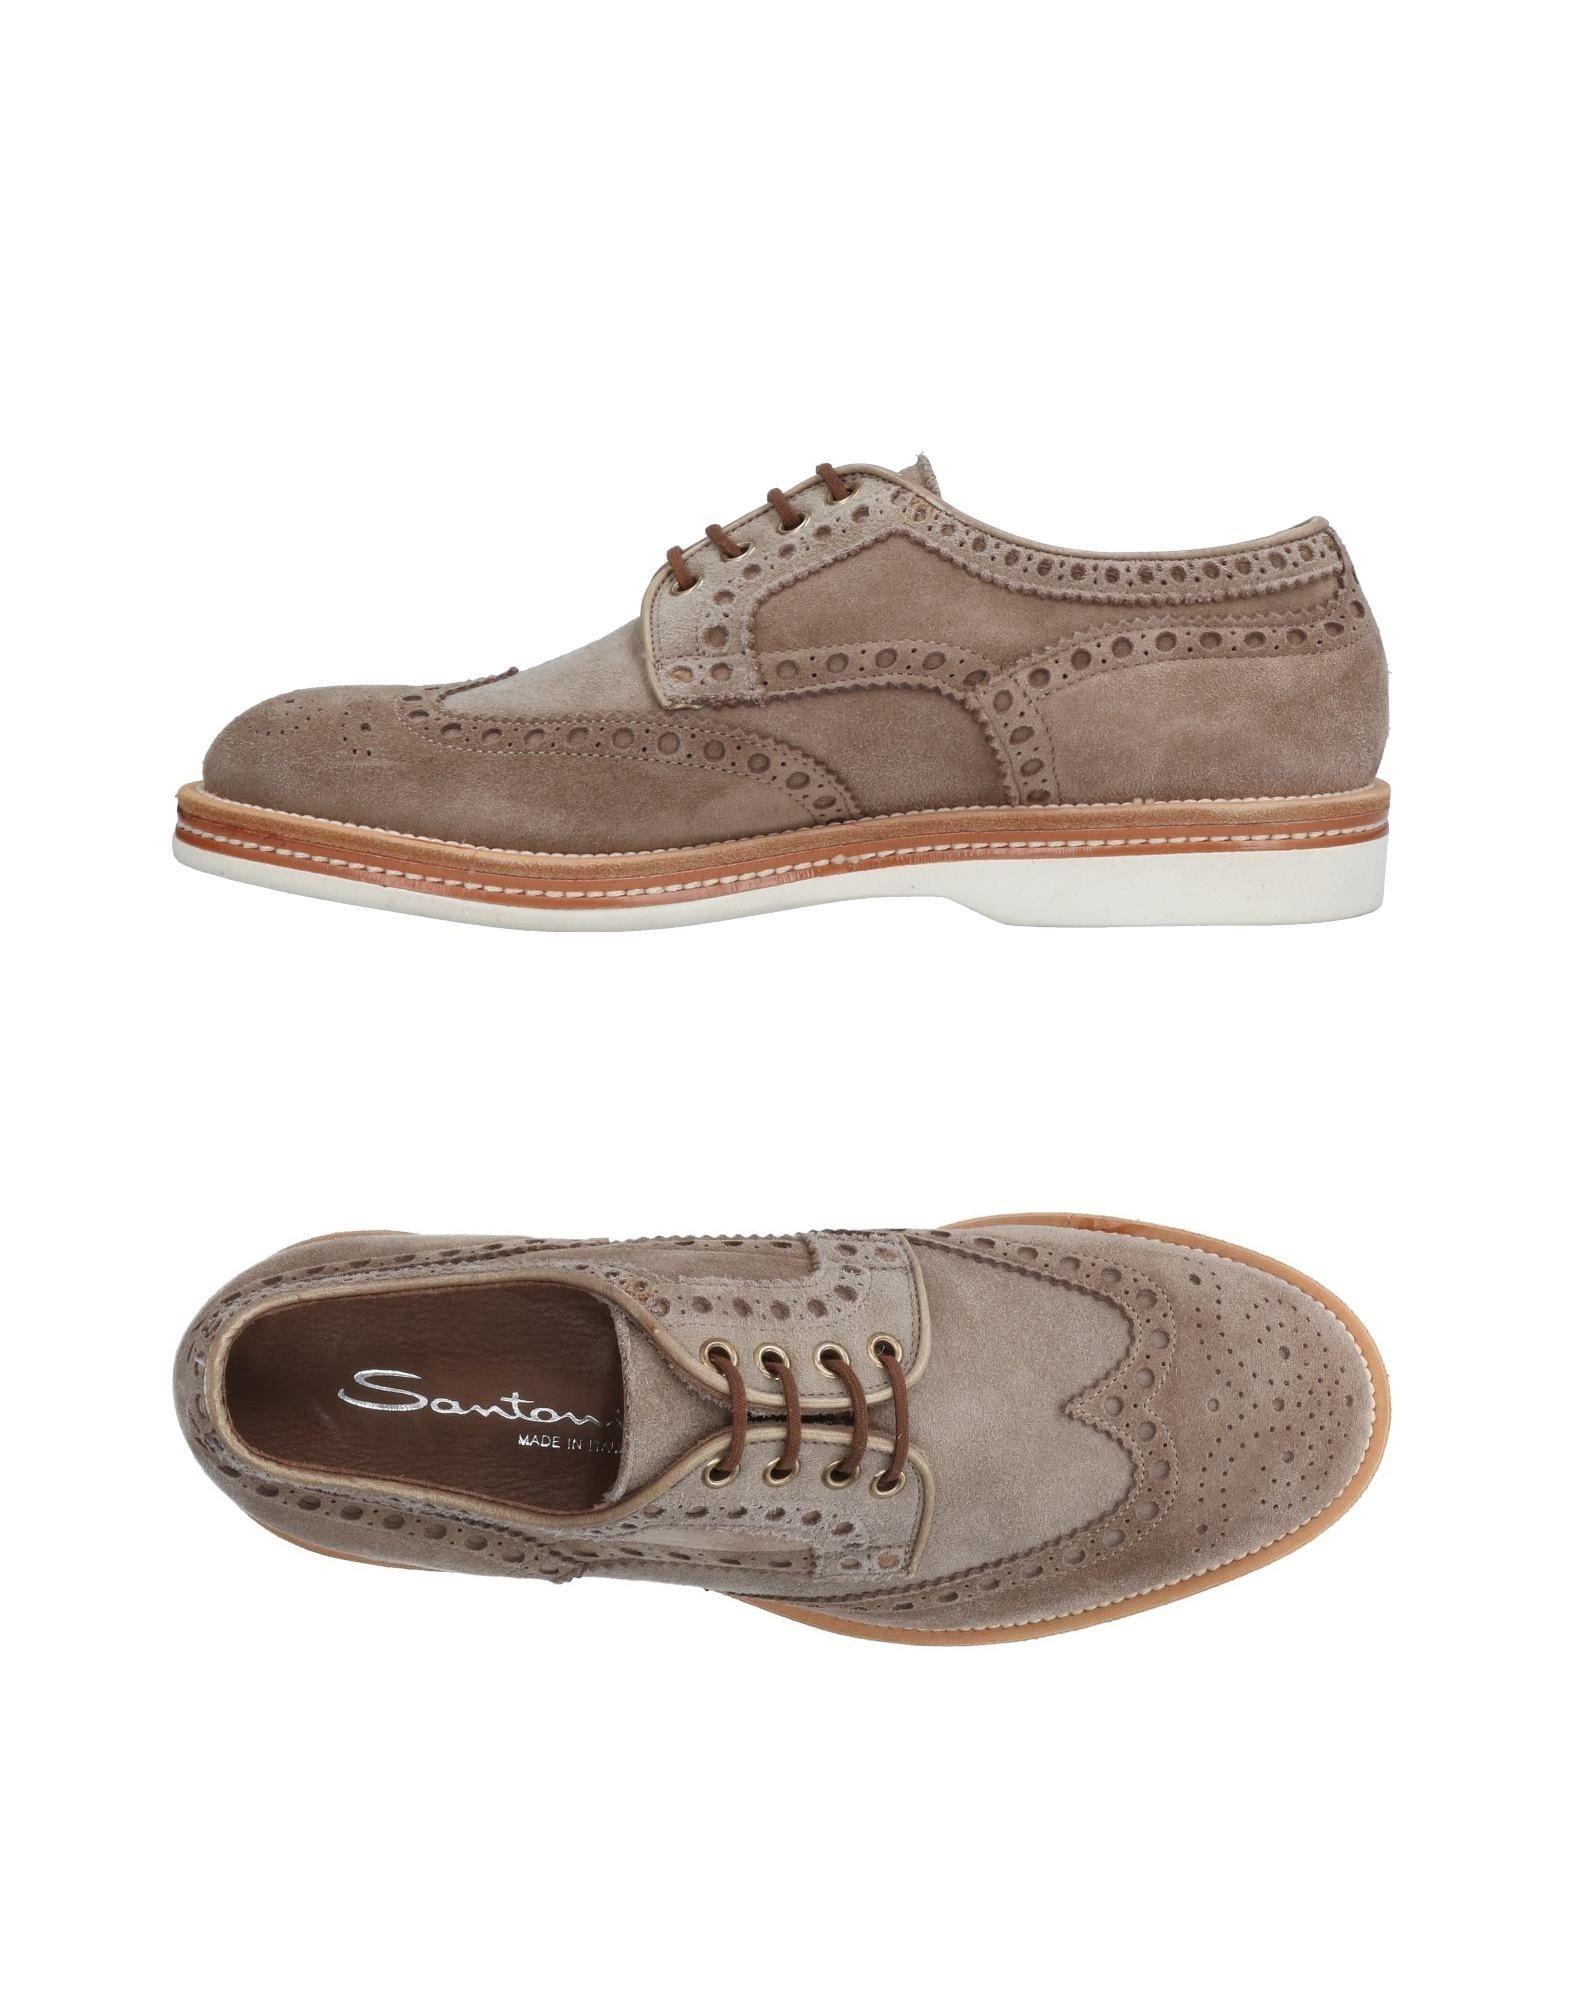 Santoni Schnürschuhe Herren  11501247JQ Gute Qualität beliebte Schuhe